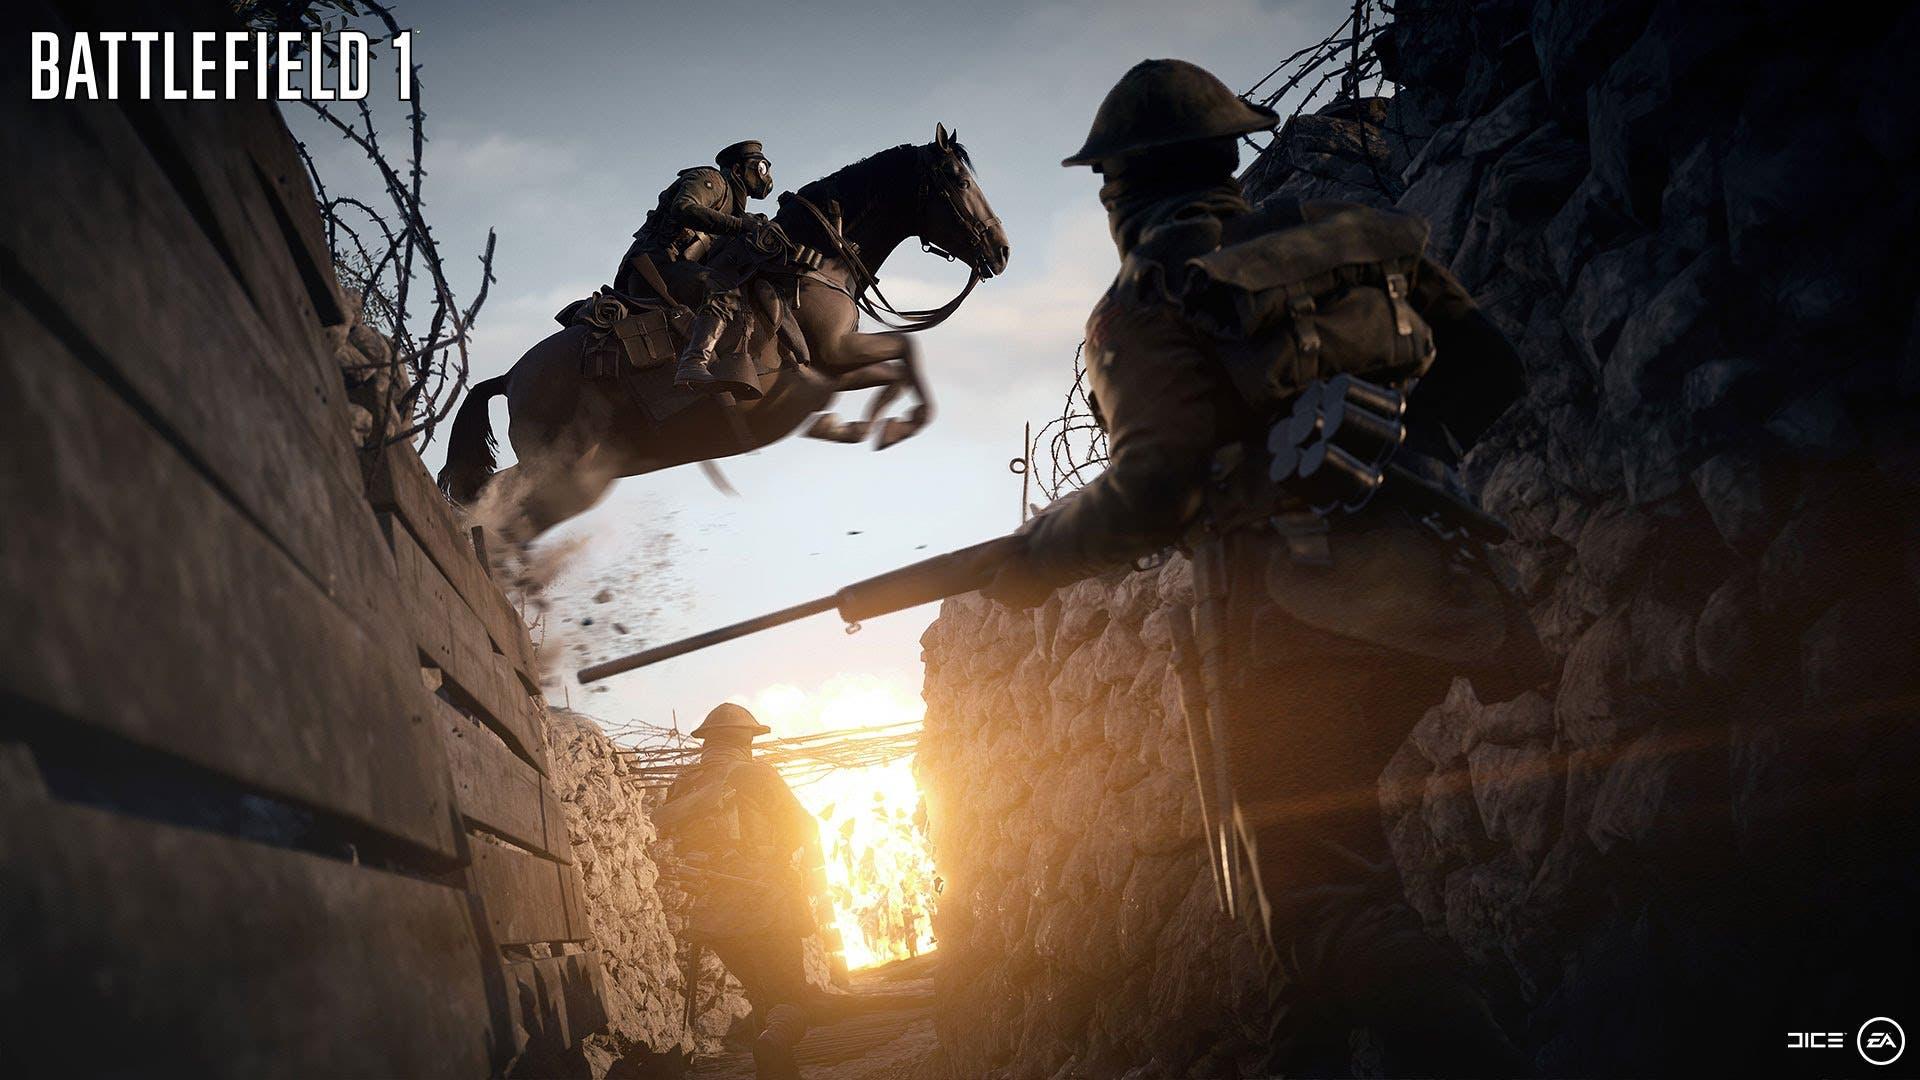 battlefield 1 gameplay trailer s